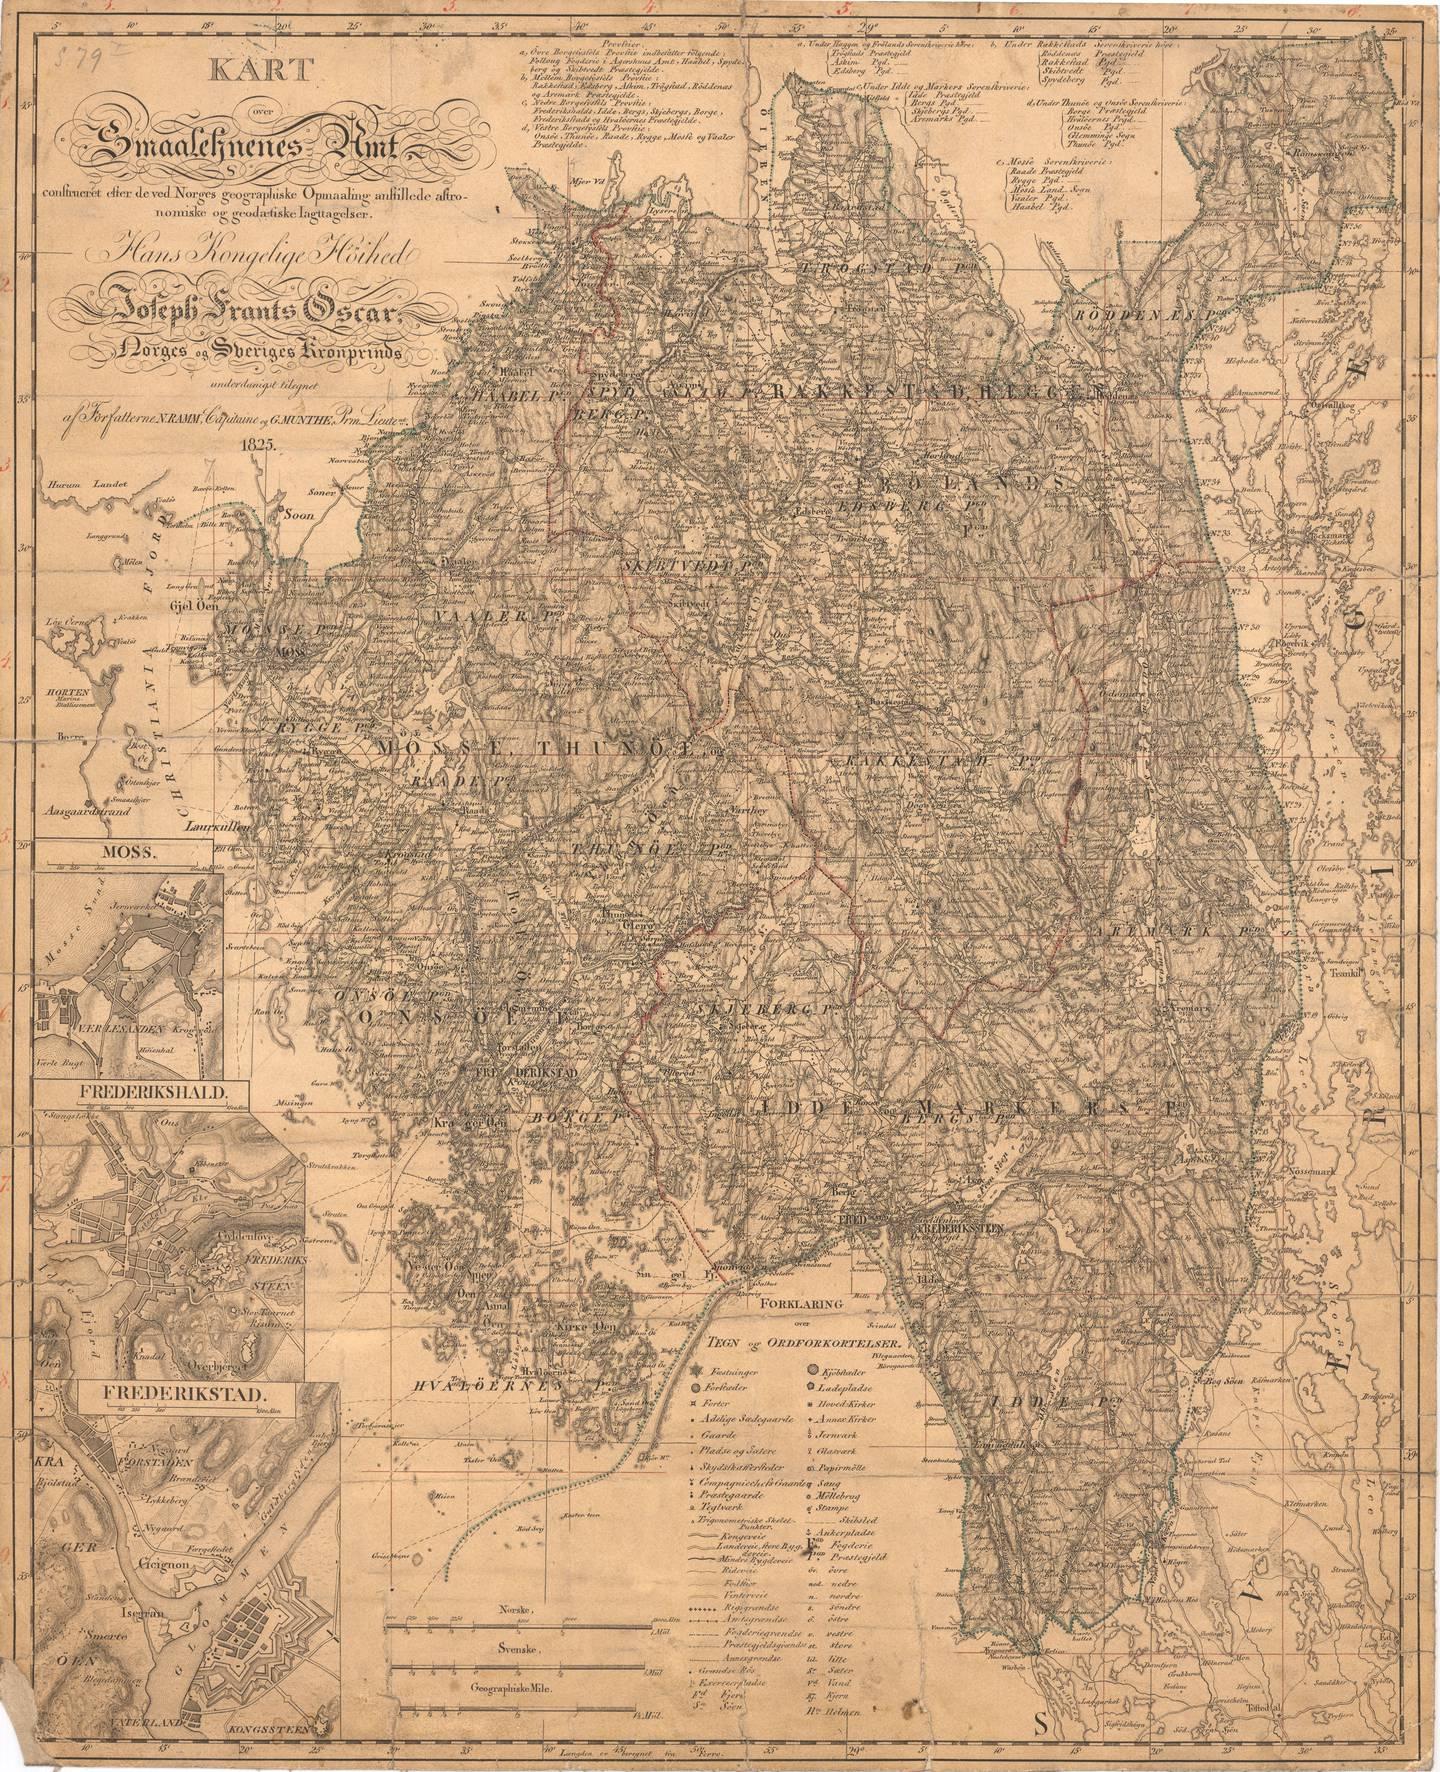 Smaalenenes Amt. Amtskart fra 1825 i målestokk 1:200000. Håndtegnet av kartteiknar/oppmåler Gerhard Munthe